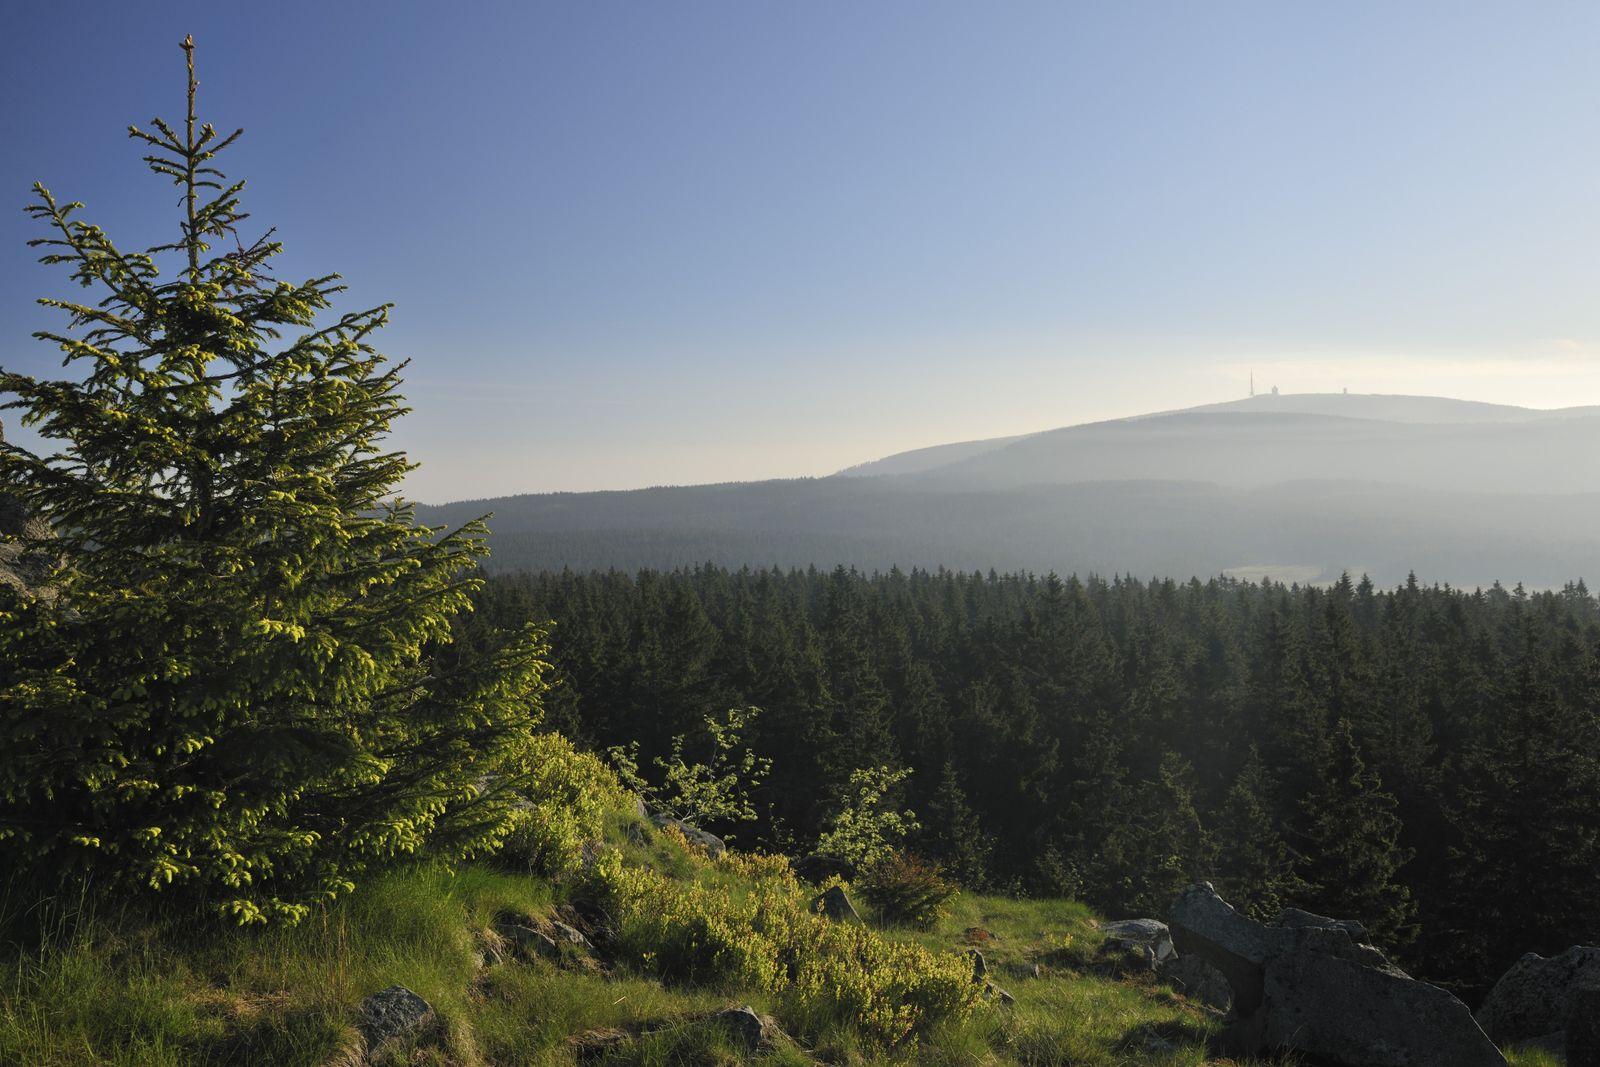 NICHT MEHR VERWENDEN! - Der Brocken / Harz Nationalpark